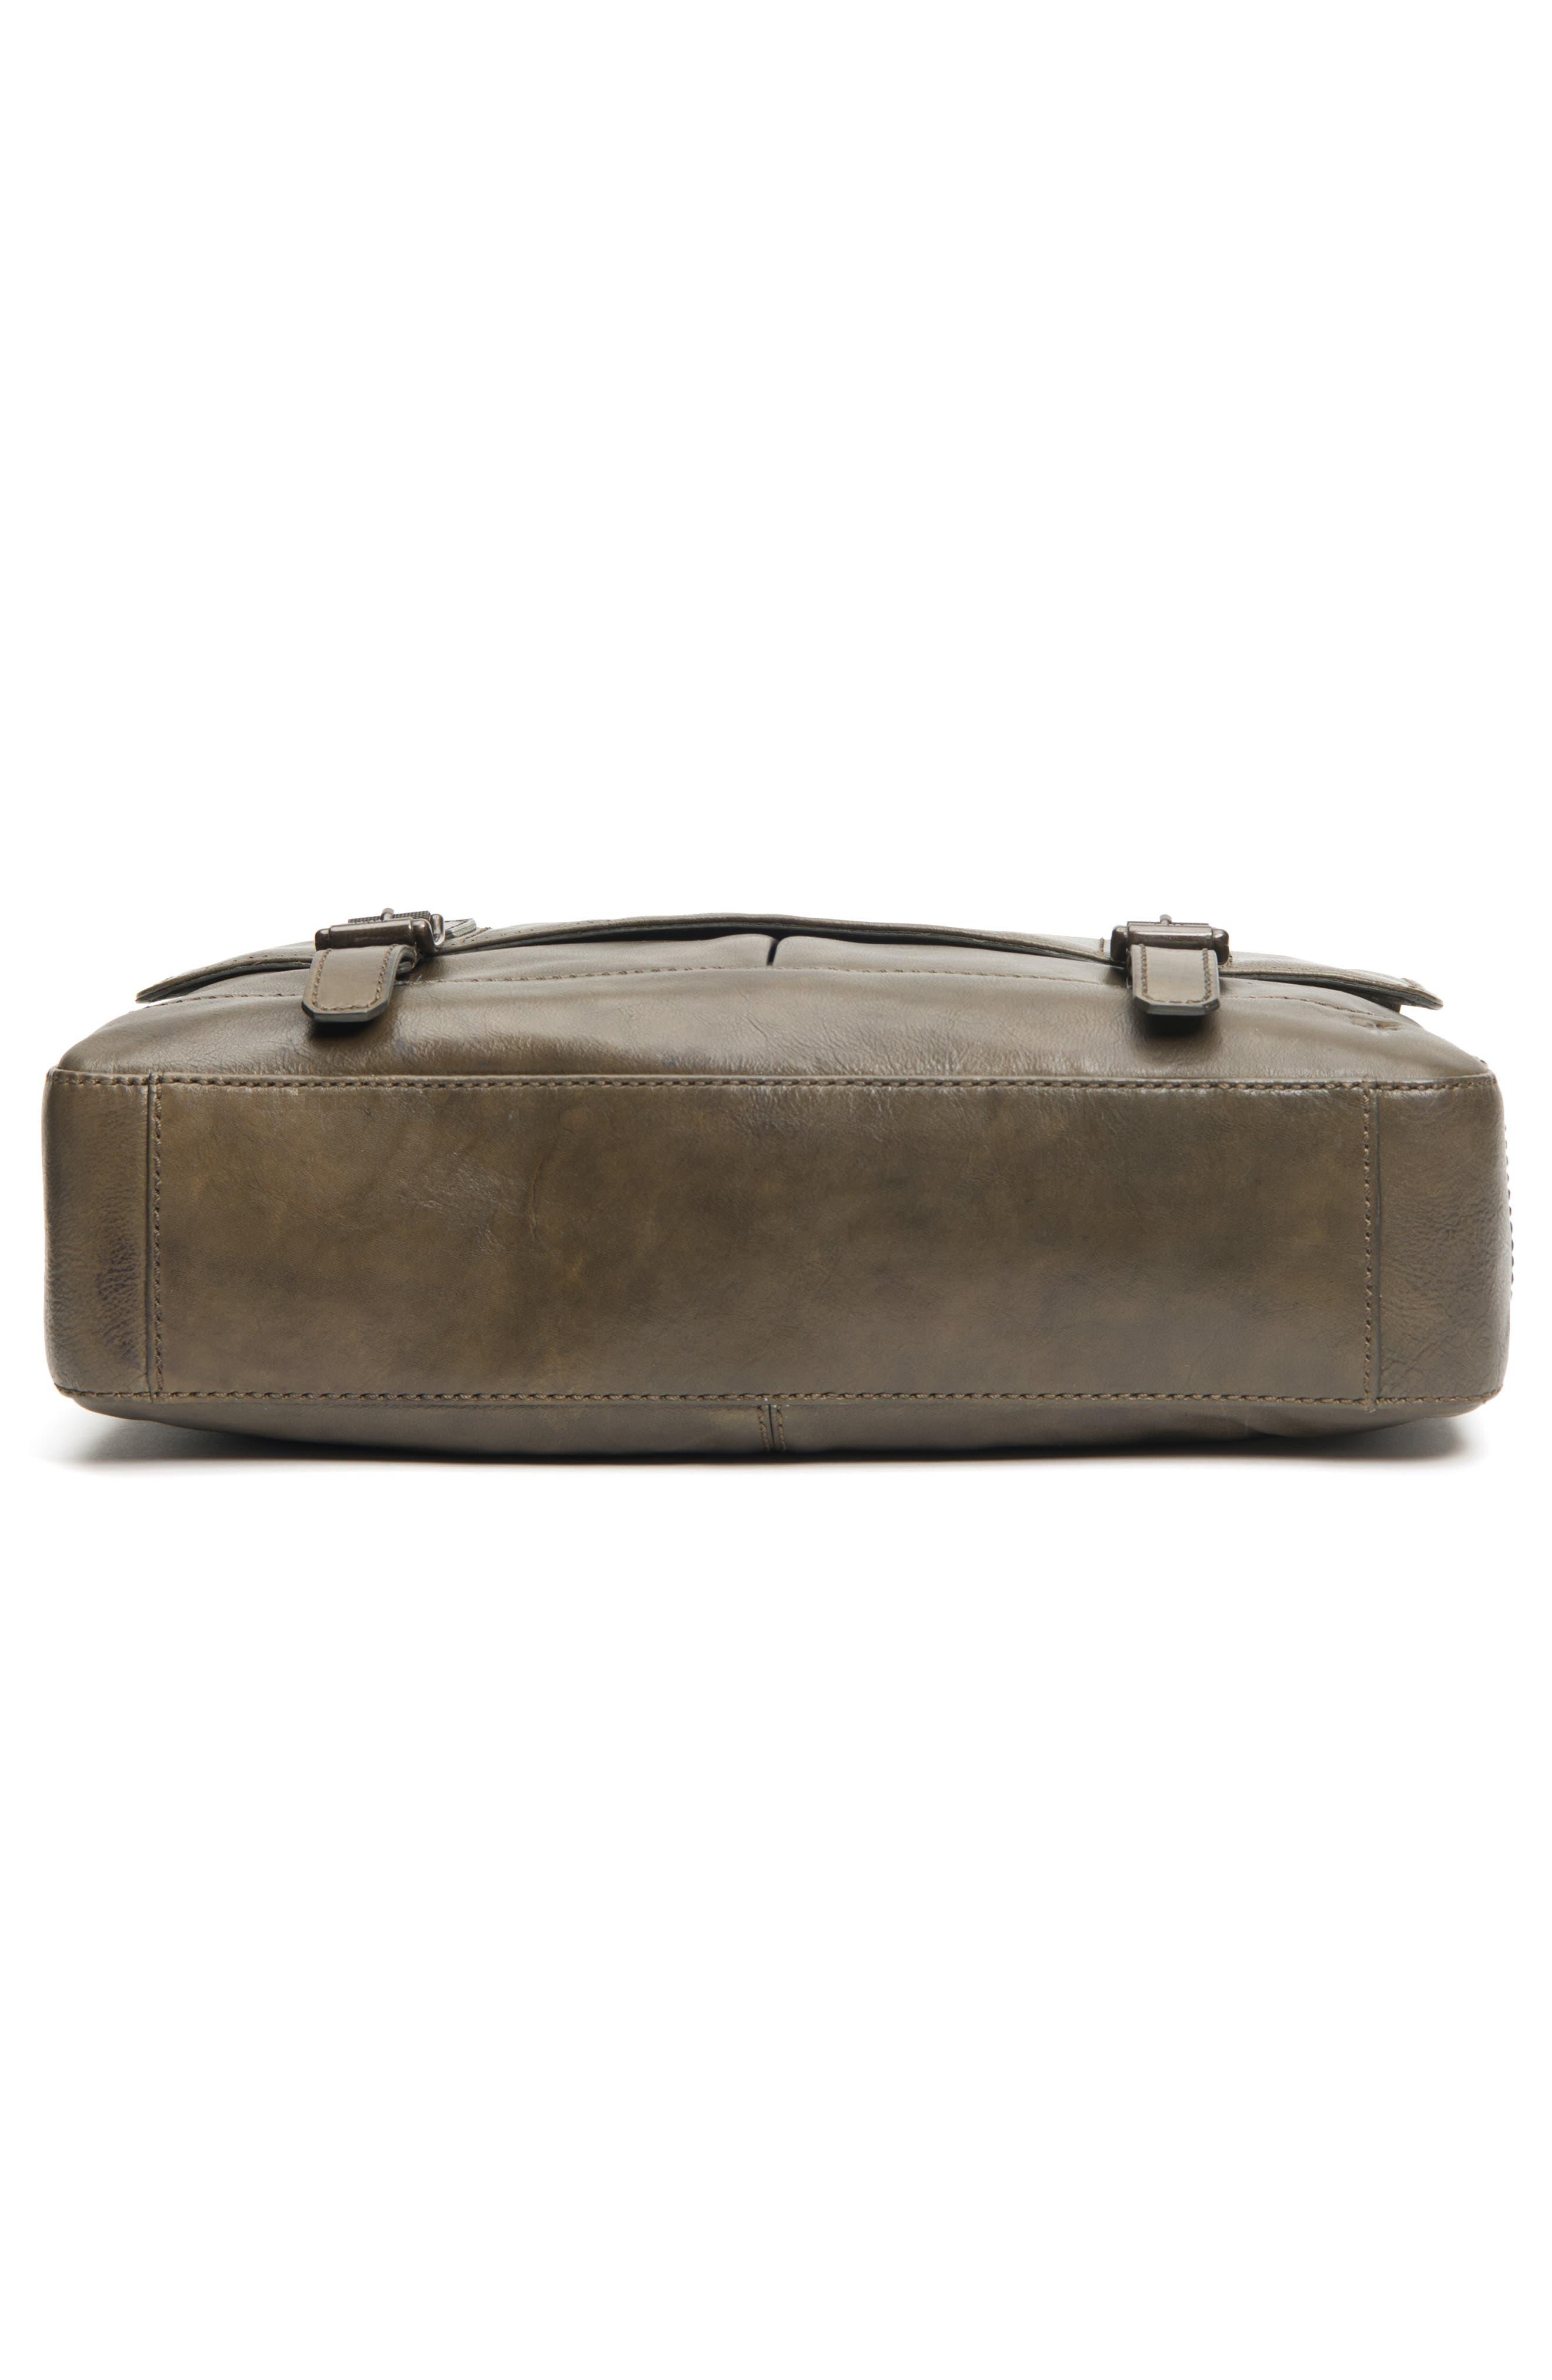 'Oliver' Leather Messenger Bag,                             Alternate thumbnail 6, color,                             311